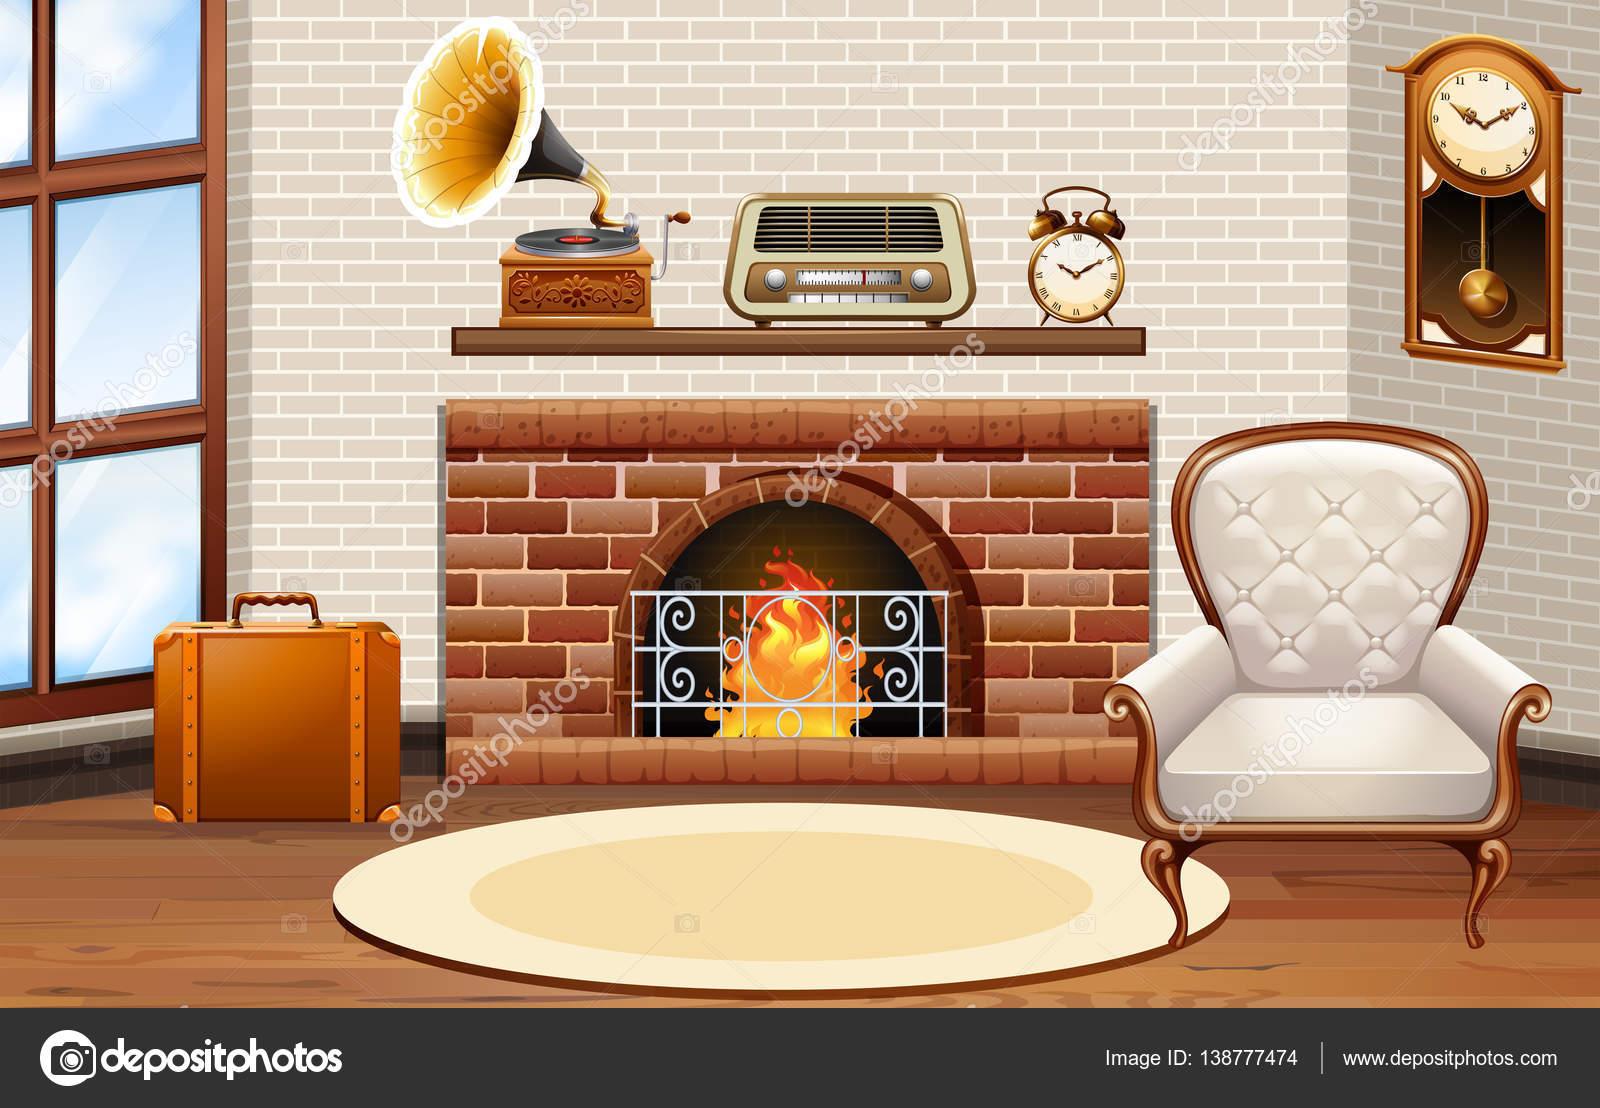 Chambre Avec Salon Cheminee Et Vintage Image Vectorielle